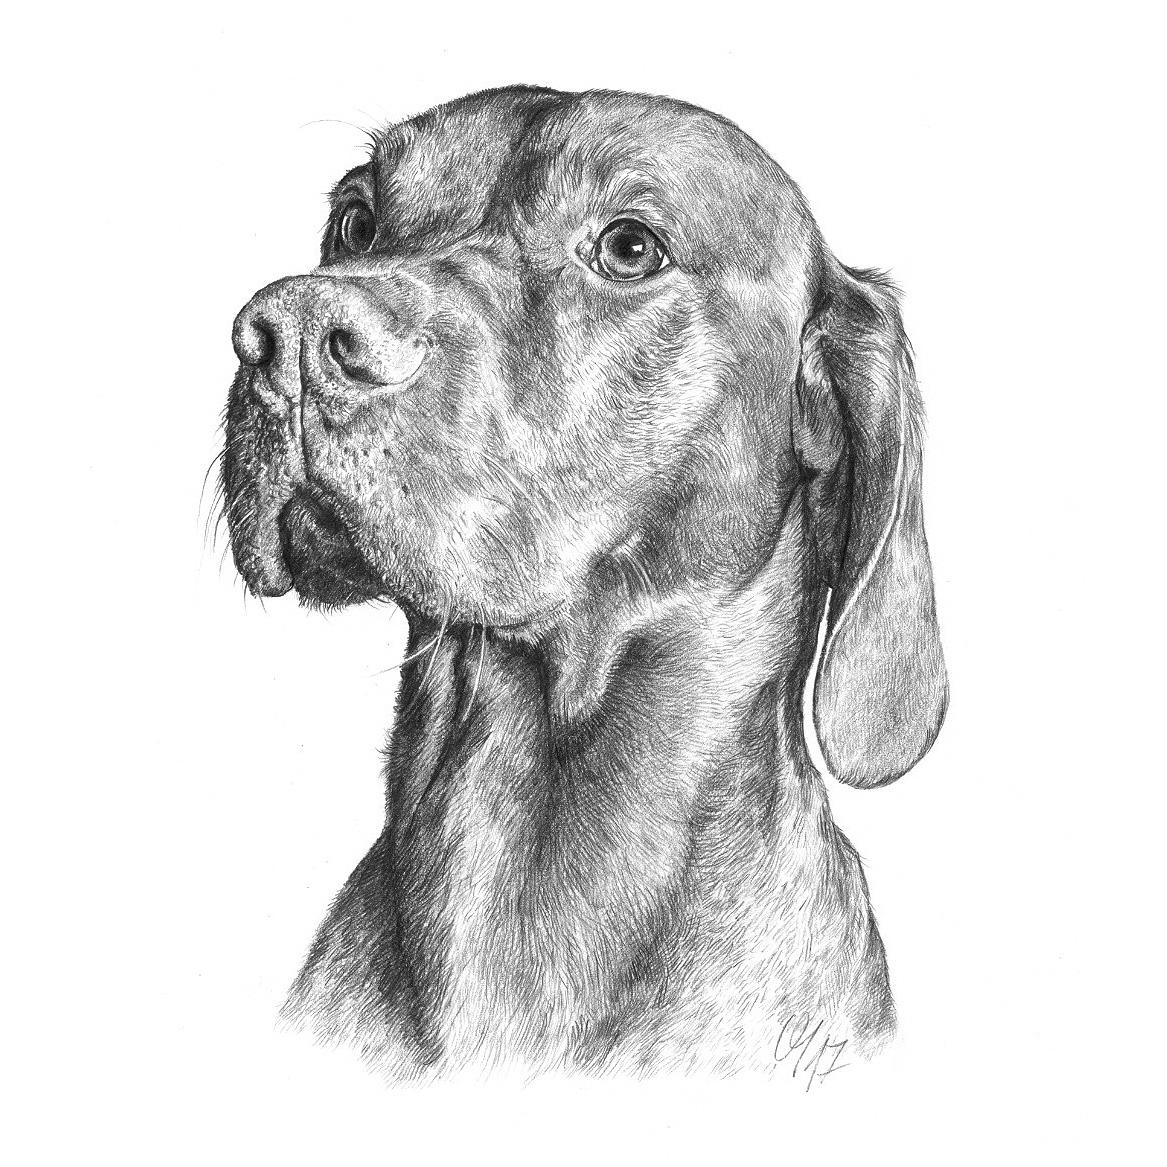 Hundeportrait Magyar Vizsla, ungarischer Vorstehhund